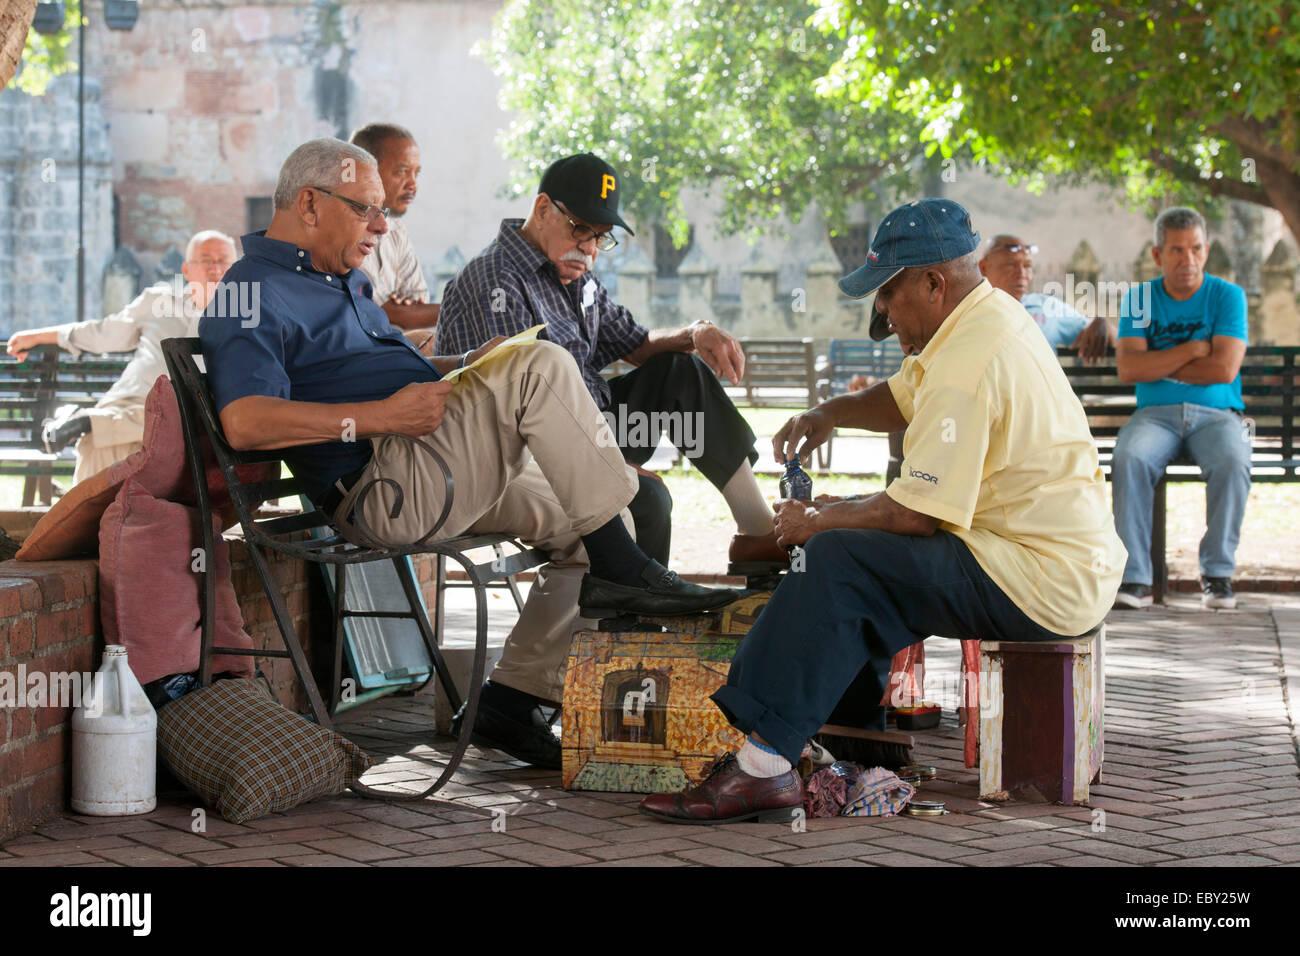 Dominikanische Republik, Santo Domingo, Zona Colonial, Zona Colonial, Parque Colon, Schuputzer Stock Photo